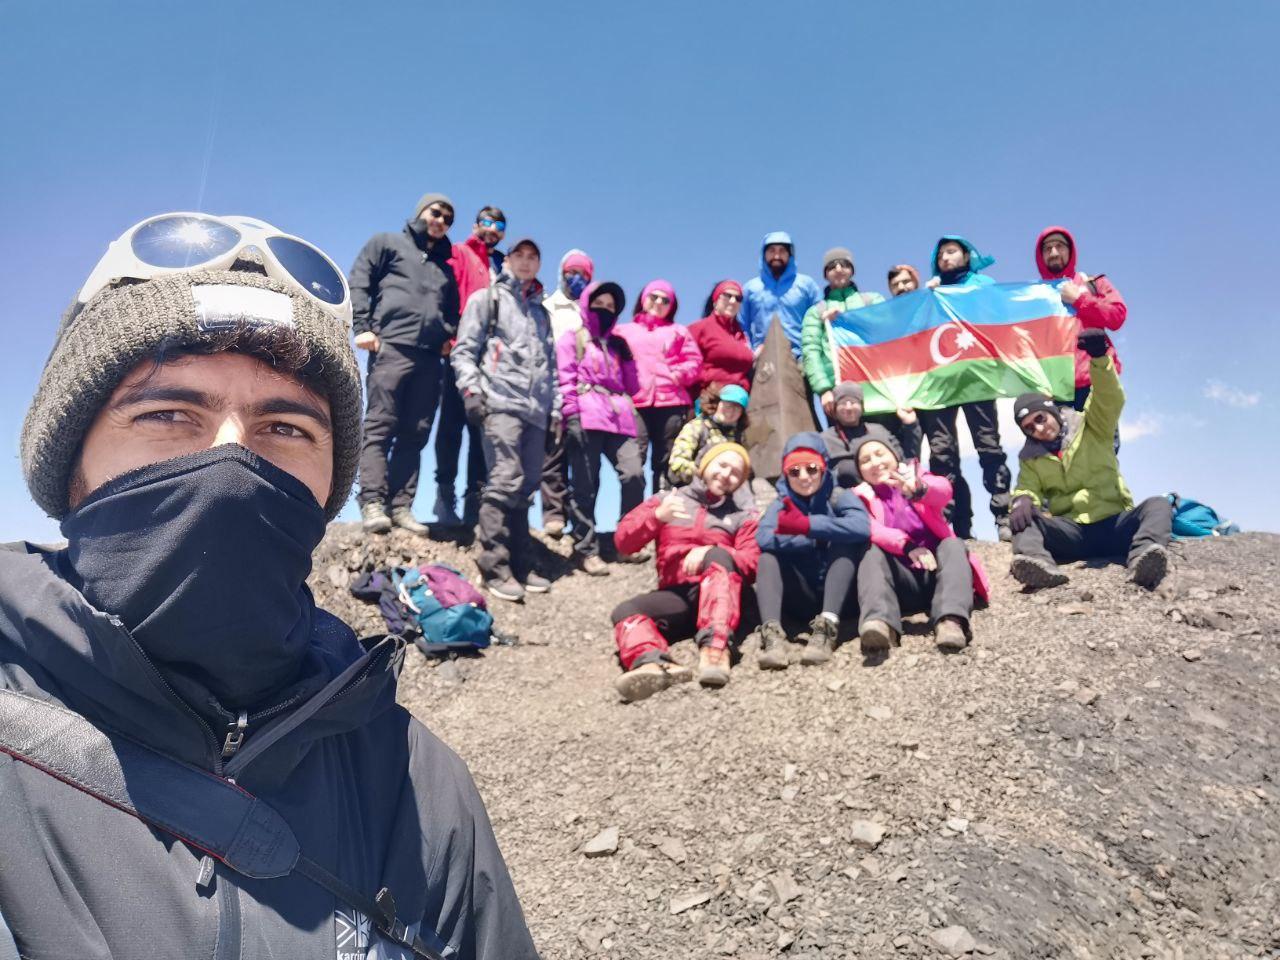 Azərbaycan Xalq Cumhuriyyətinin 100 illiyi Zirvəsi gənclər tərəfindən ziyarət olunub